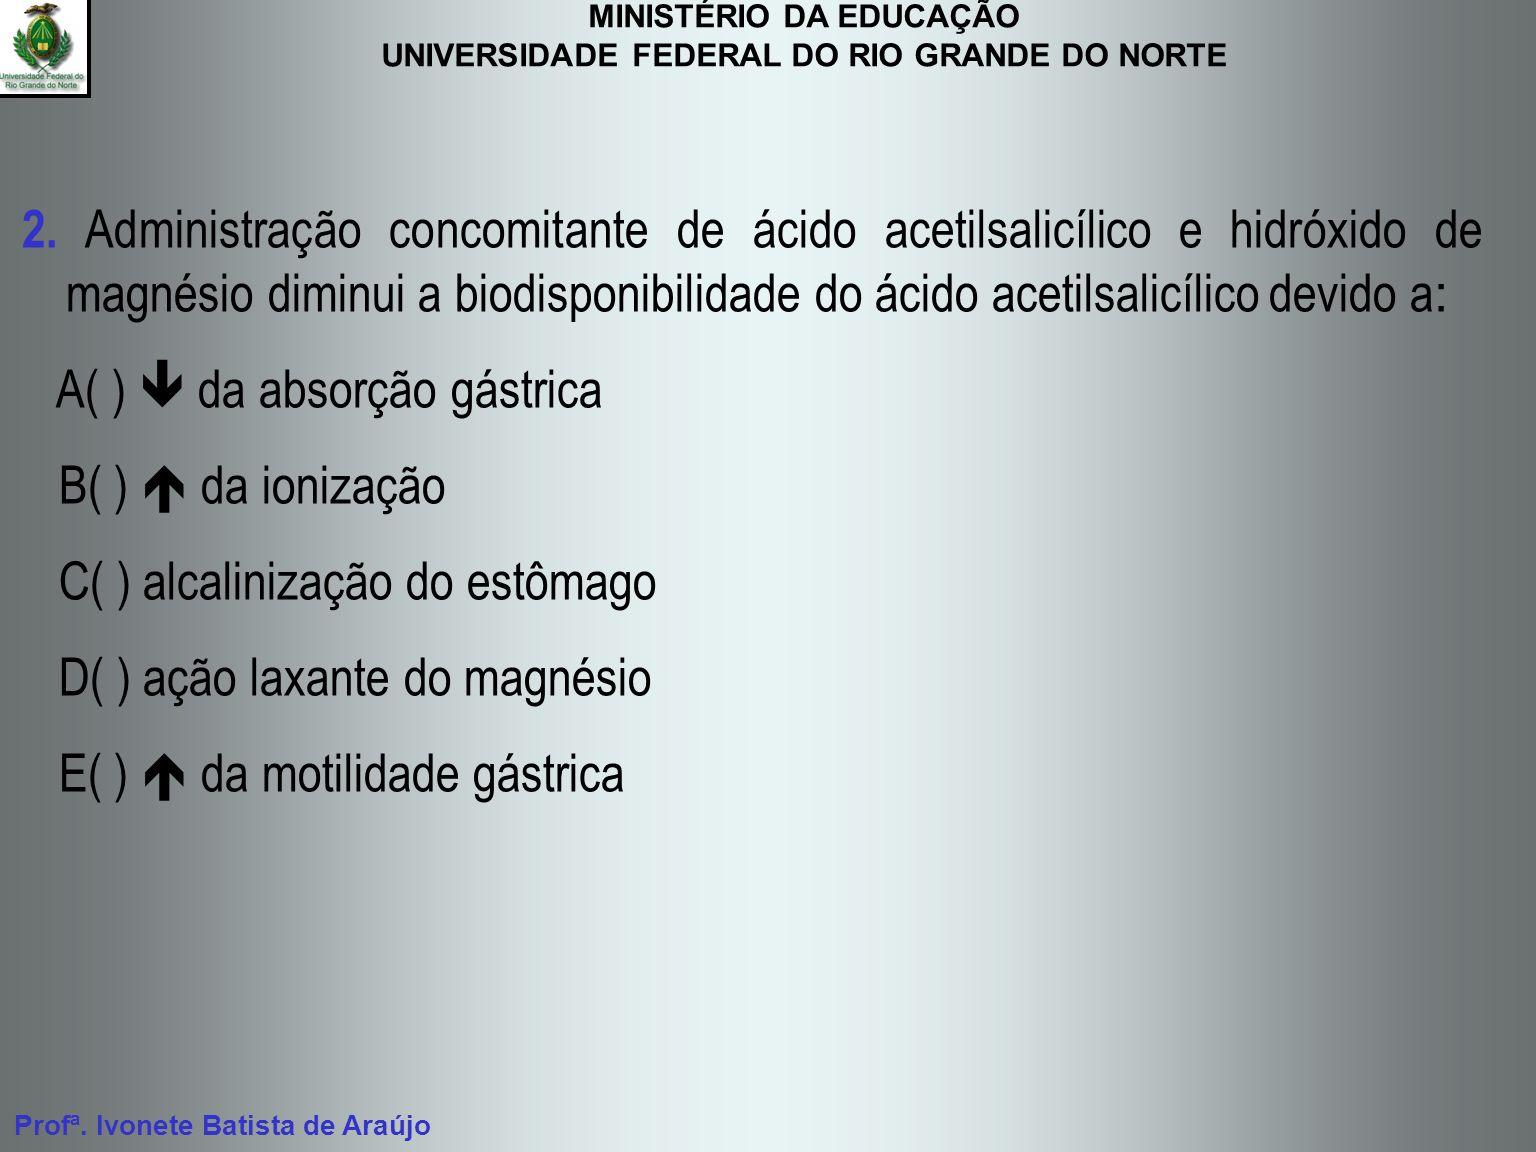 MINISTÉRIO DA EDUCAÇÃO UNIVERSIDADE FEDERAL DO RIO GRANDE DO NORTE Profª. Ivonete Batista de Araújo 2. Administração concomitante de ácido acetilsalic